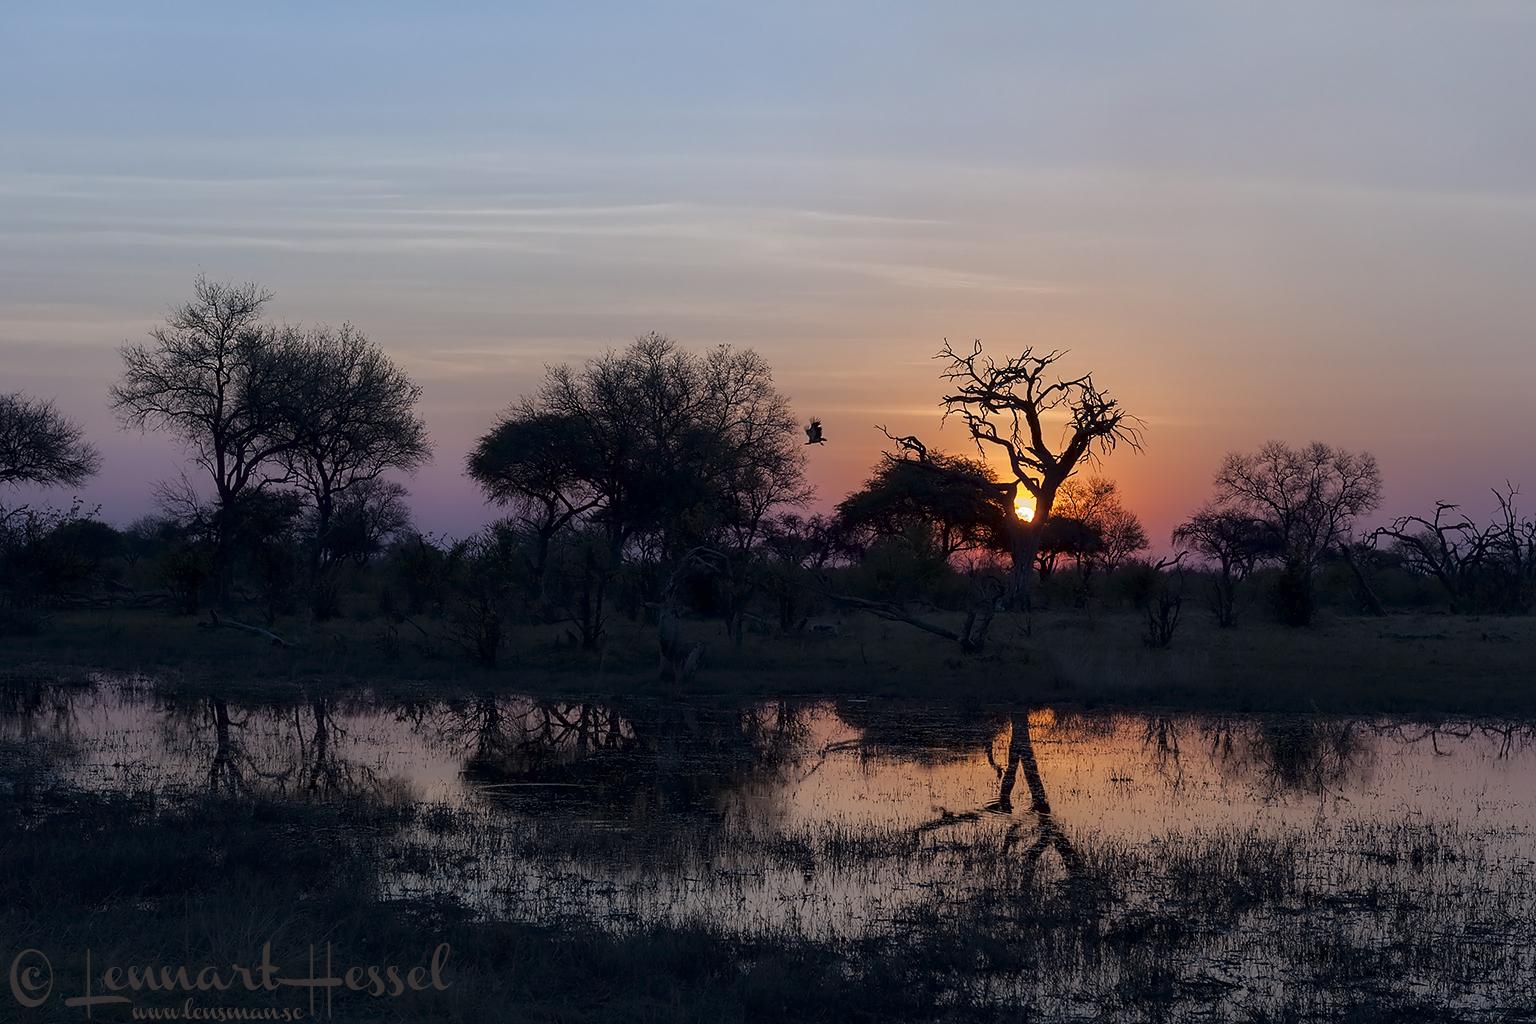 Sunset & White-backed Vulture in Khwai Community Area, Botswana